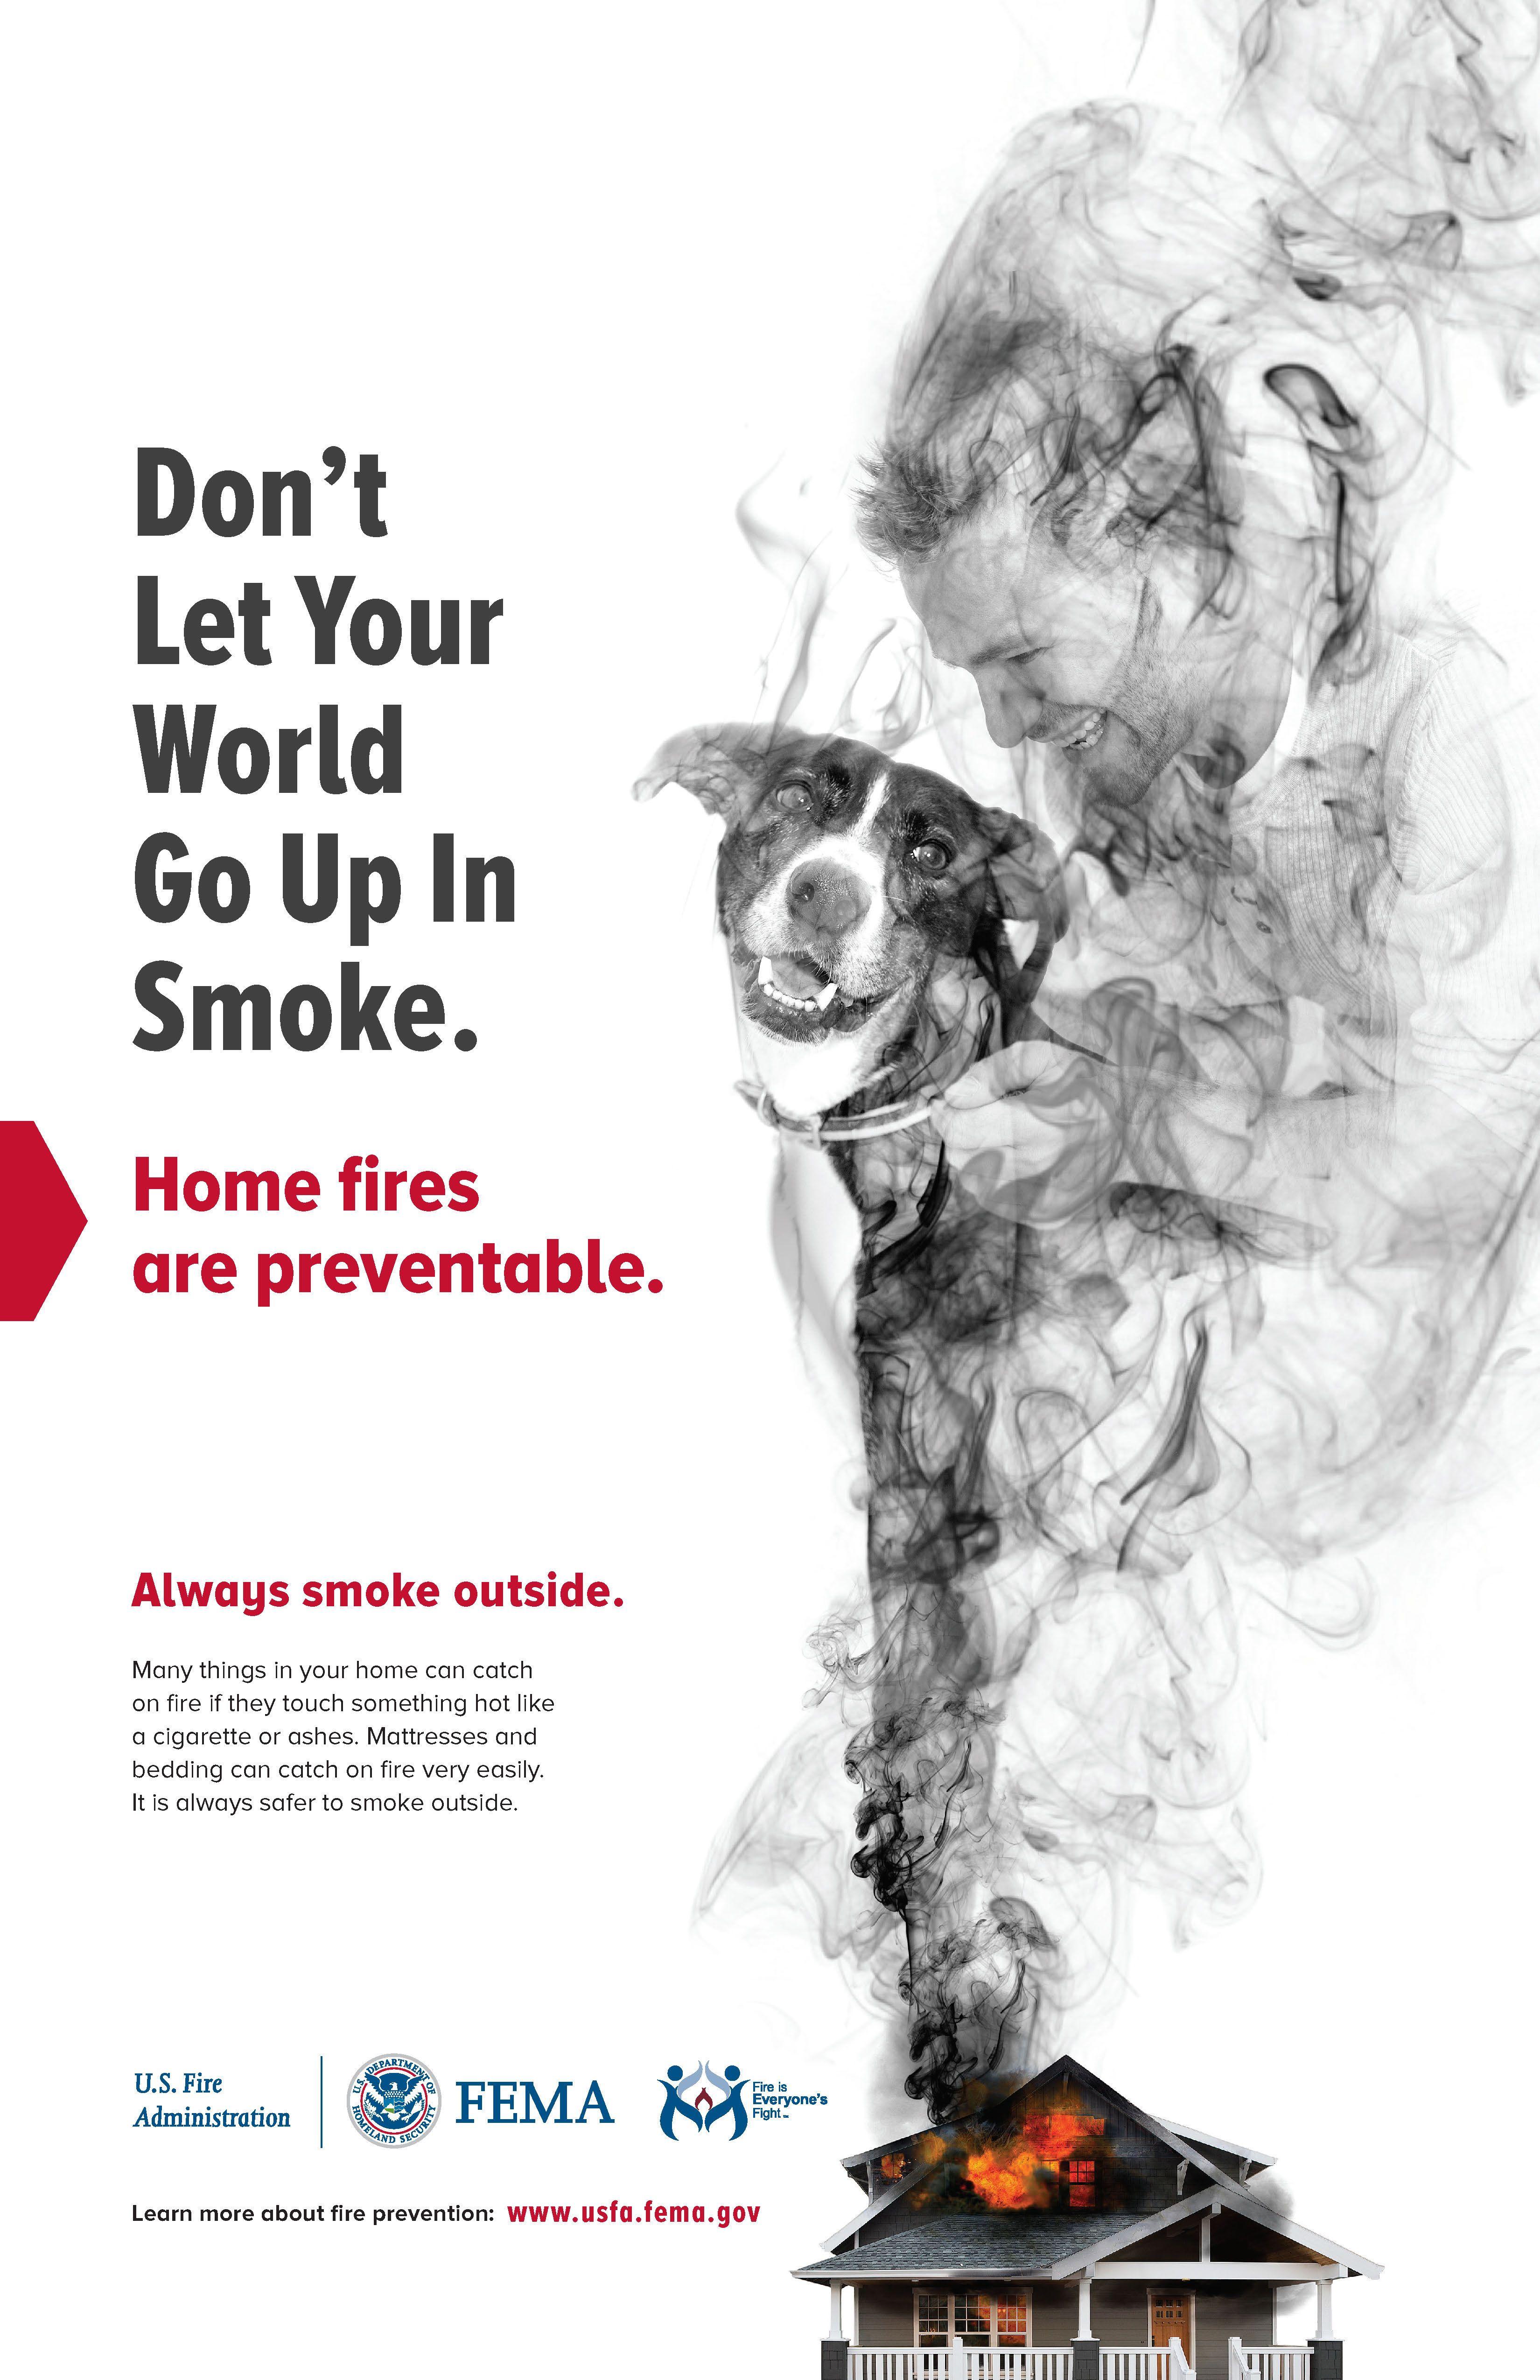 fema up in smoke poster [ 3300 x 5100 Pixel ]